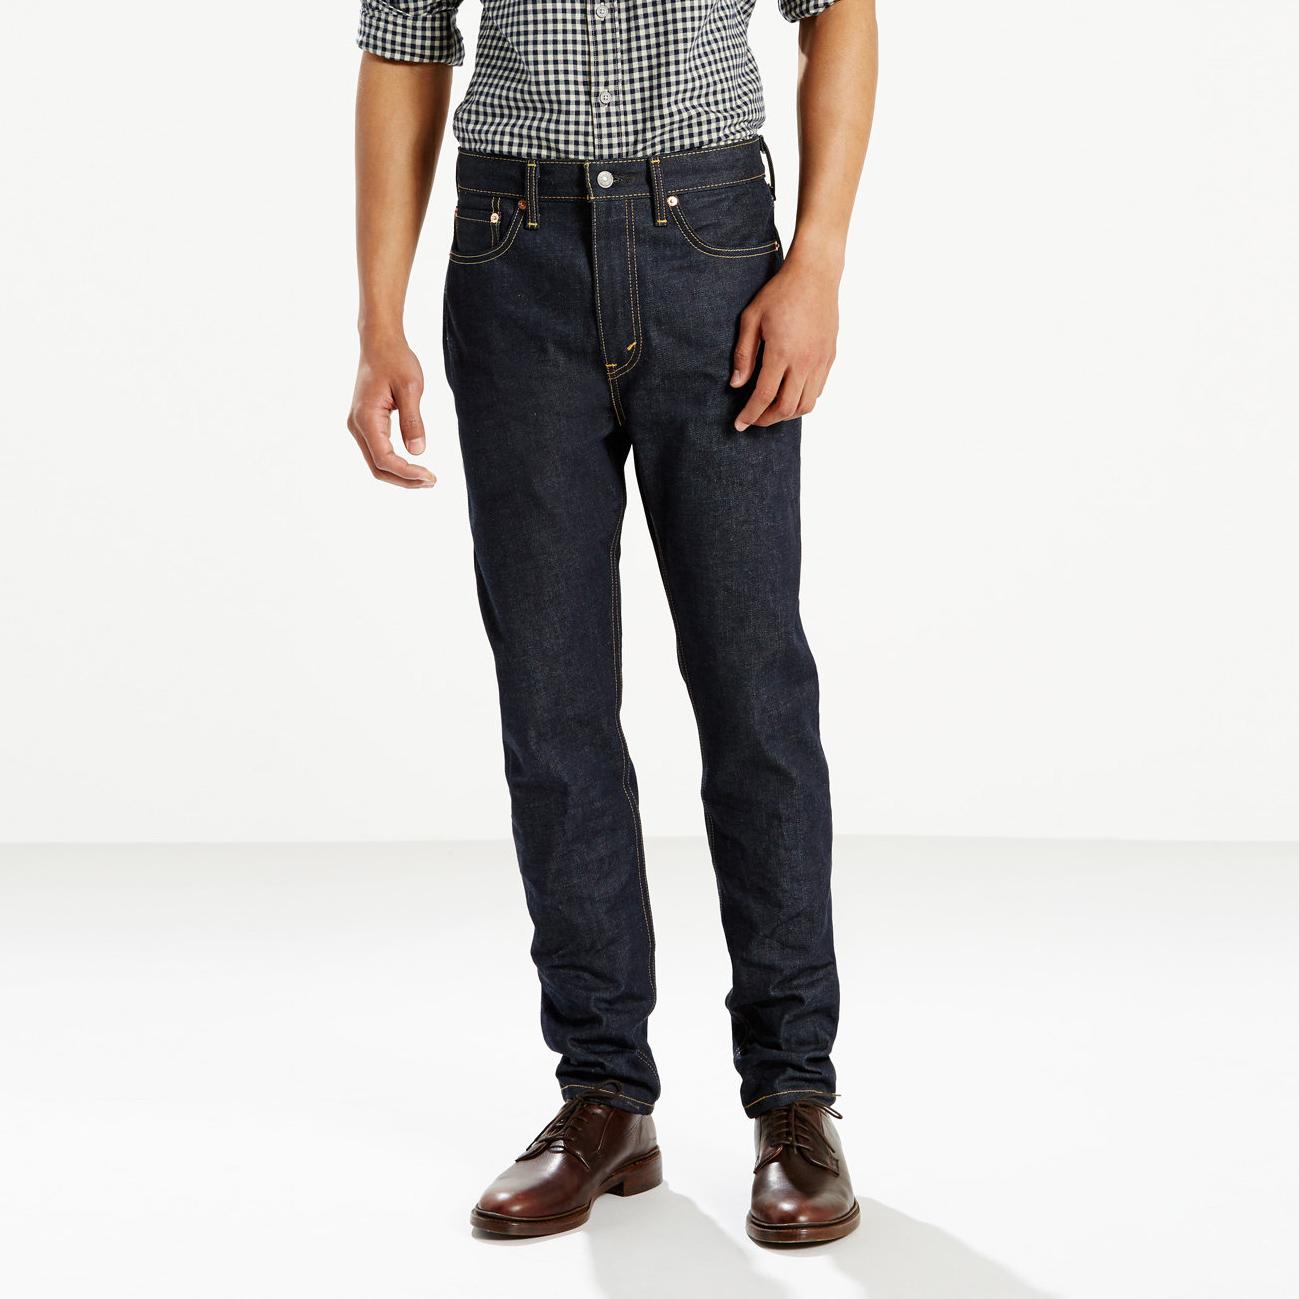 美國百分百【全新真品】Levis 522 Slim Taper 男款 牛仔褲 直筒 錐形 31 32腰 深藍 E949